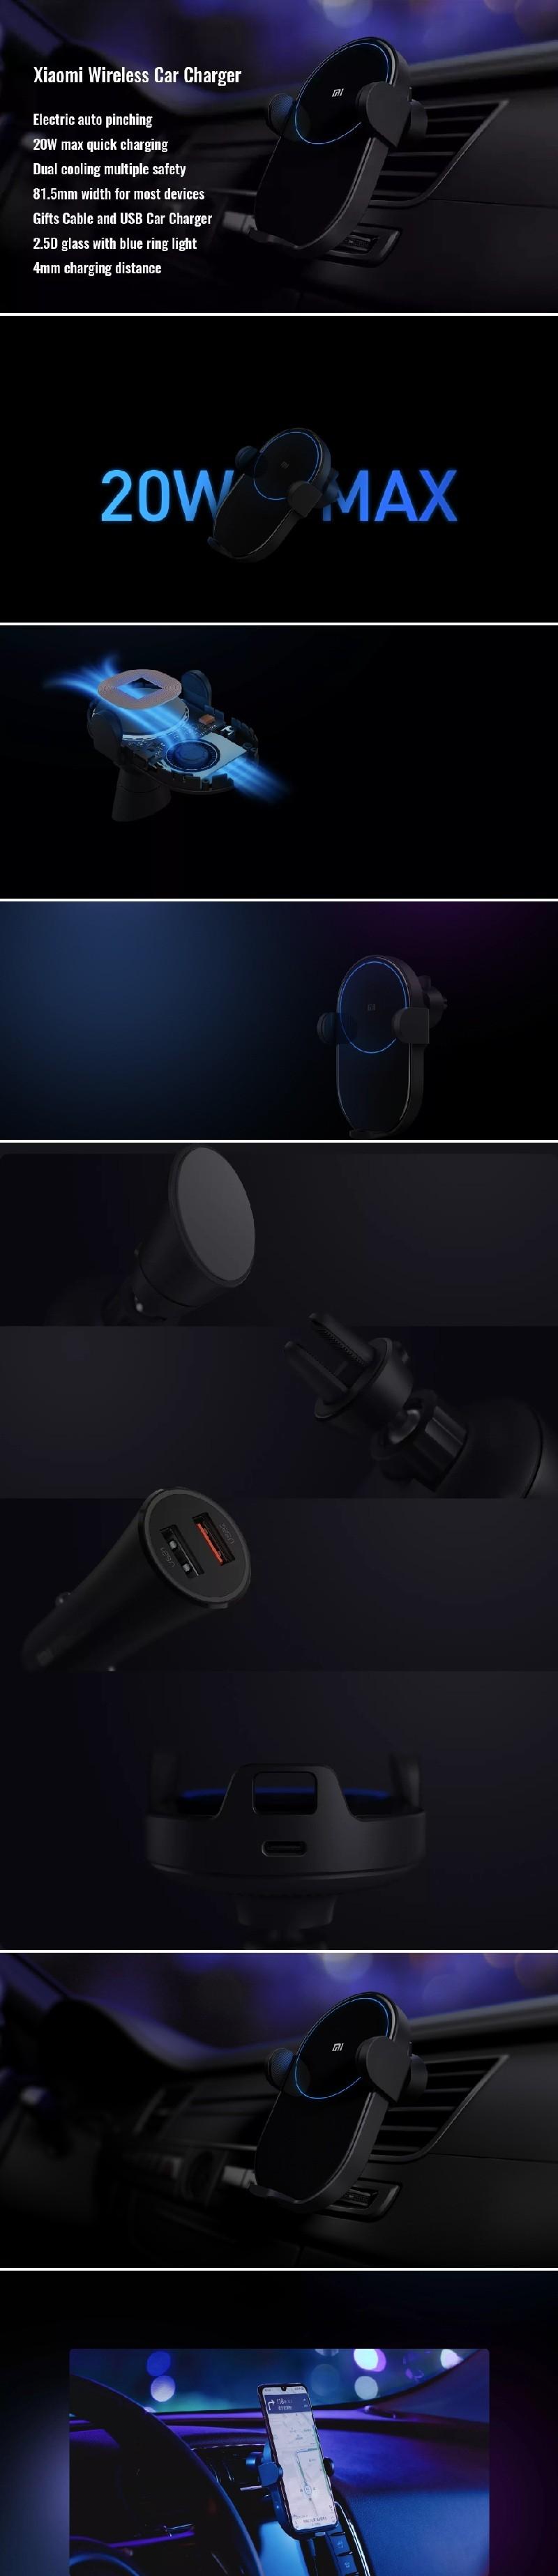 Prezentare-Xiaomi-Mi-wcj02zmabe13a6420f85469.jpg